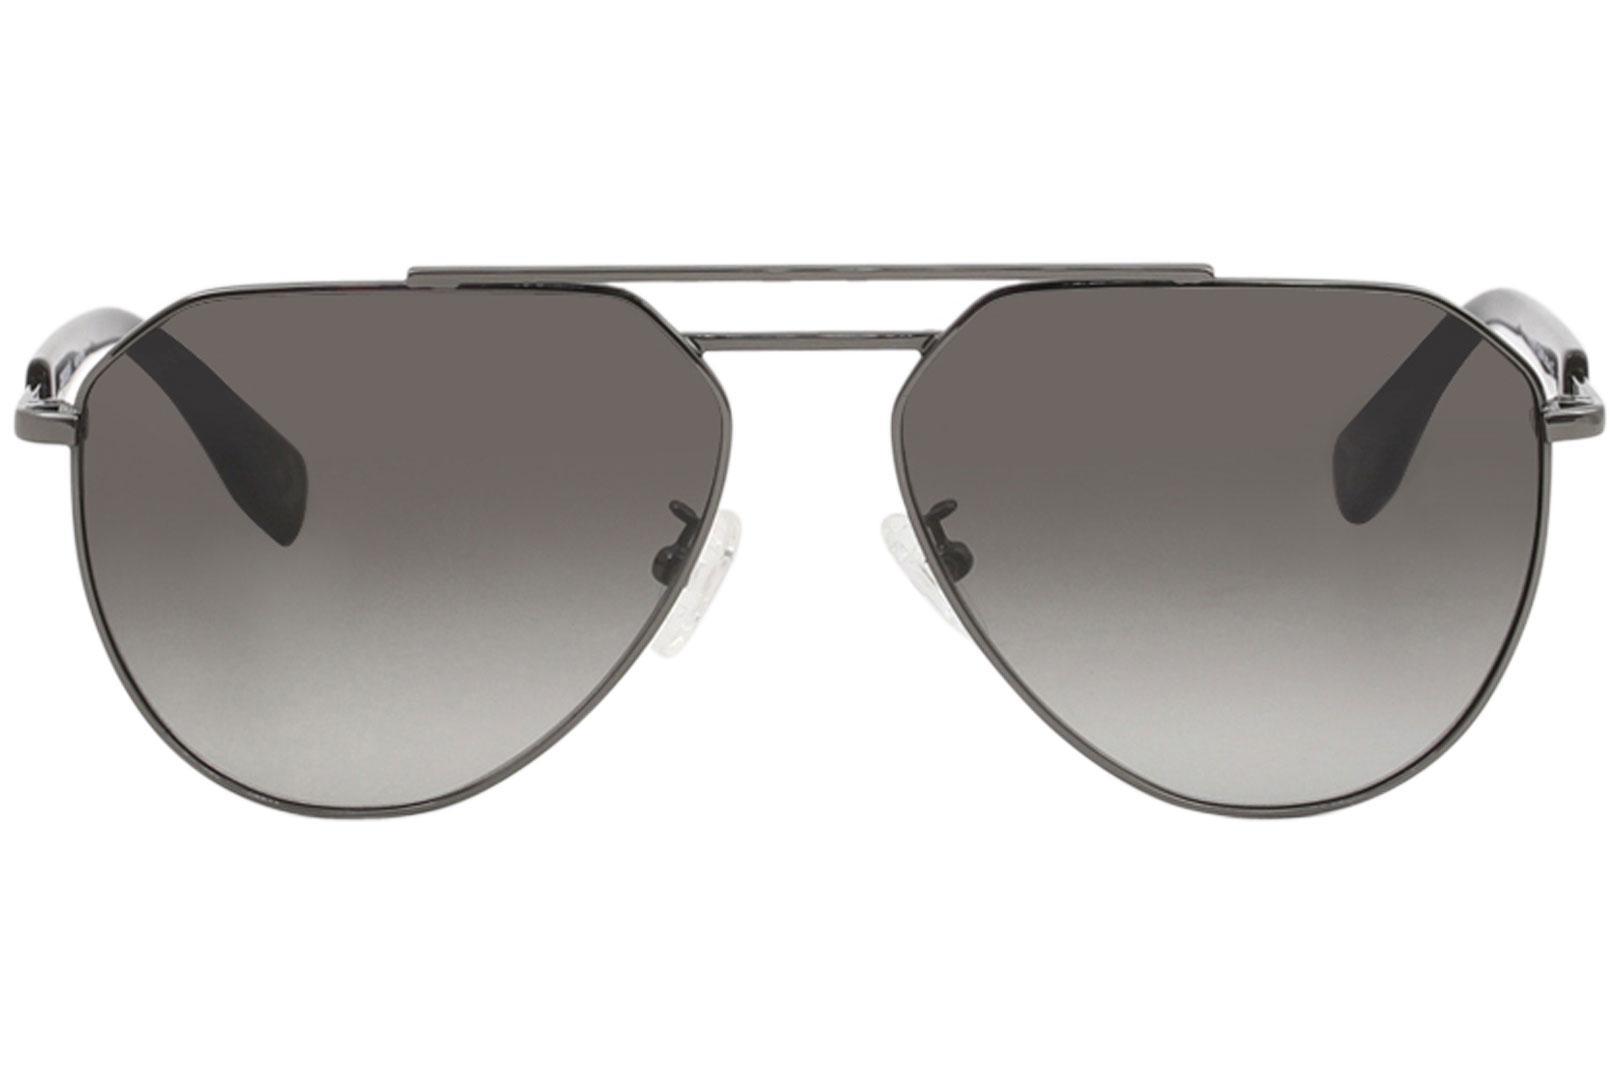 2d07dc0d1a2 Converse Men s SCO052 SCO 052 Fashion Pilot Sunglasses by Converse. Touch  to zoom